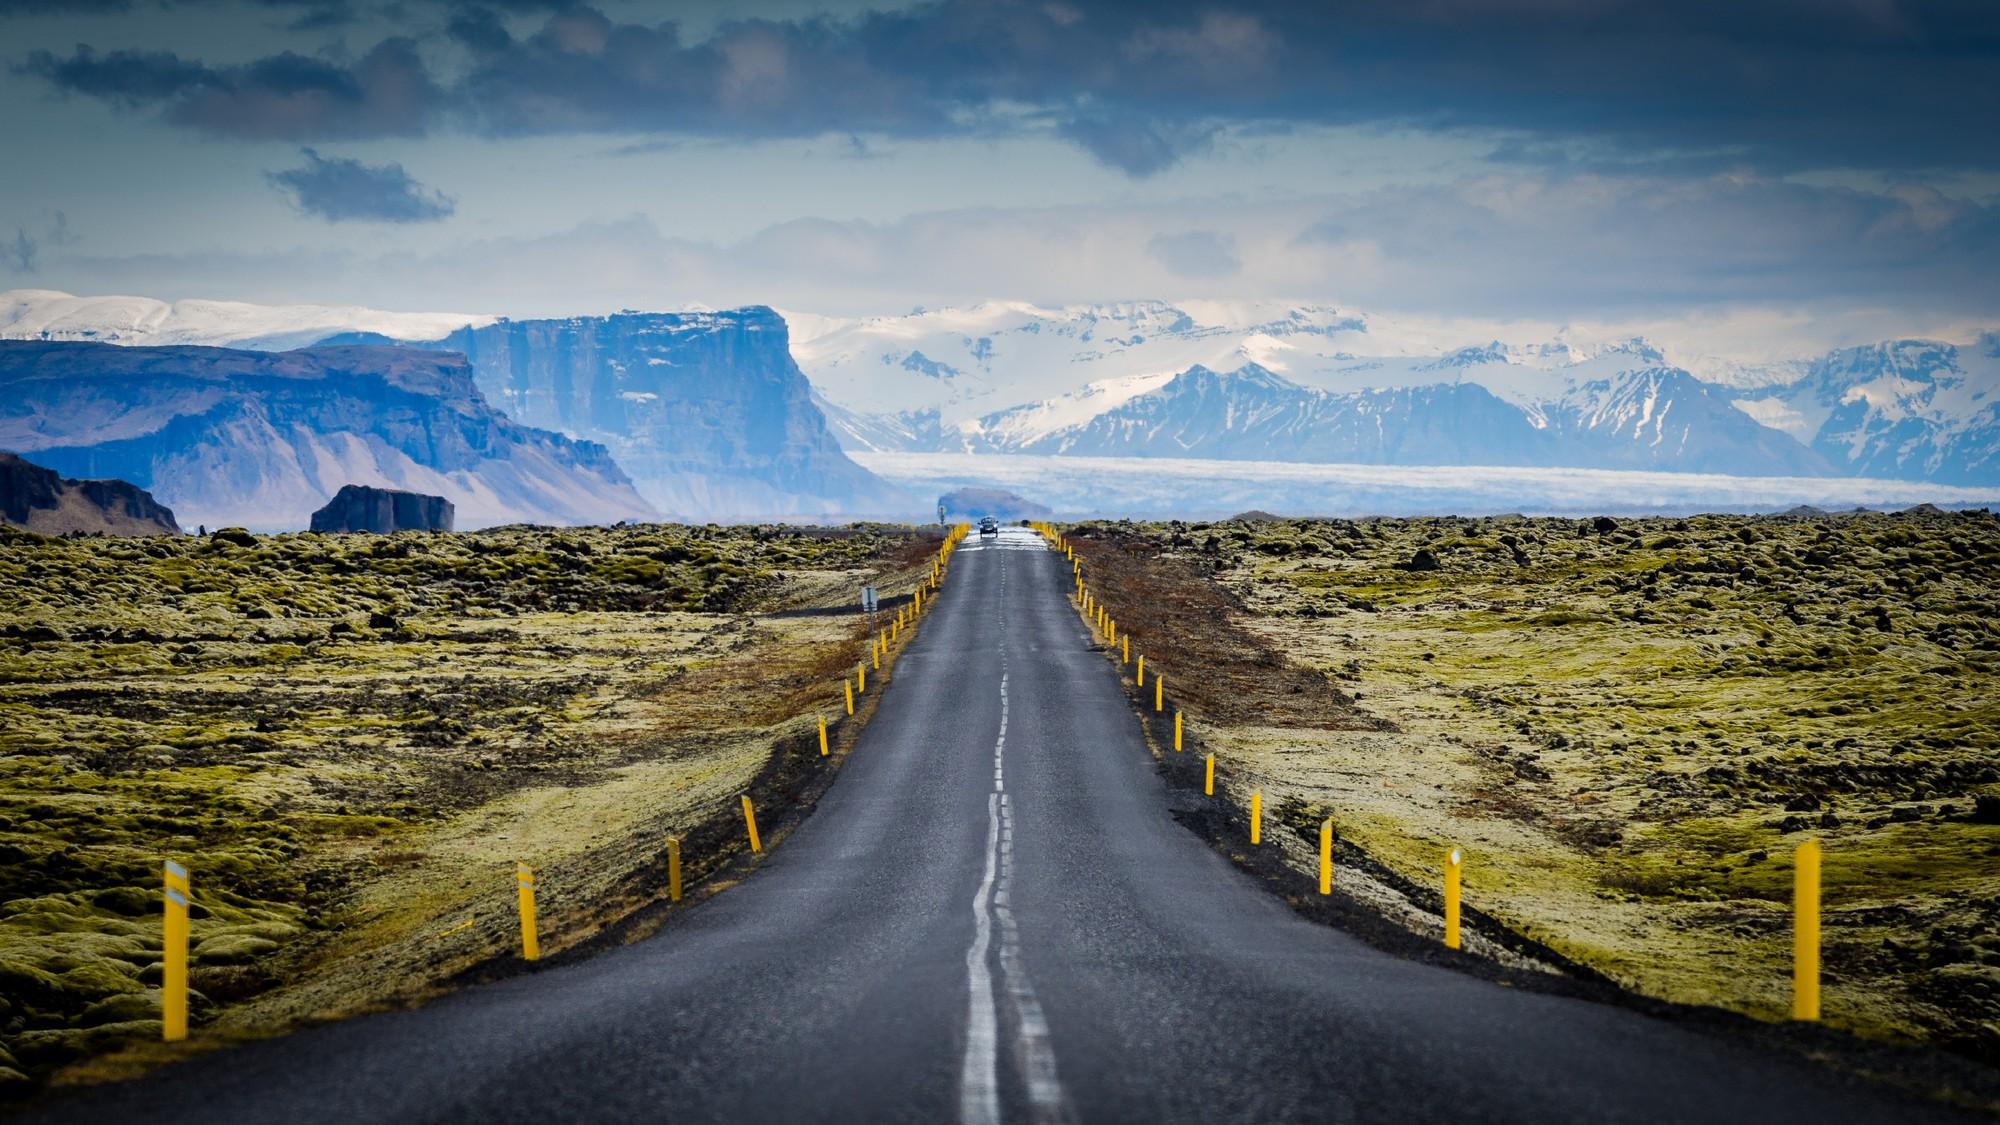 Chùm ảnh: 10 cung đường đẹp nức tiếng thế giới mà dân phượt đã đi là không muốn trở về - Ảnh 16.